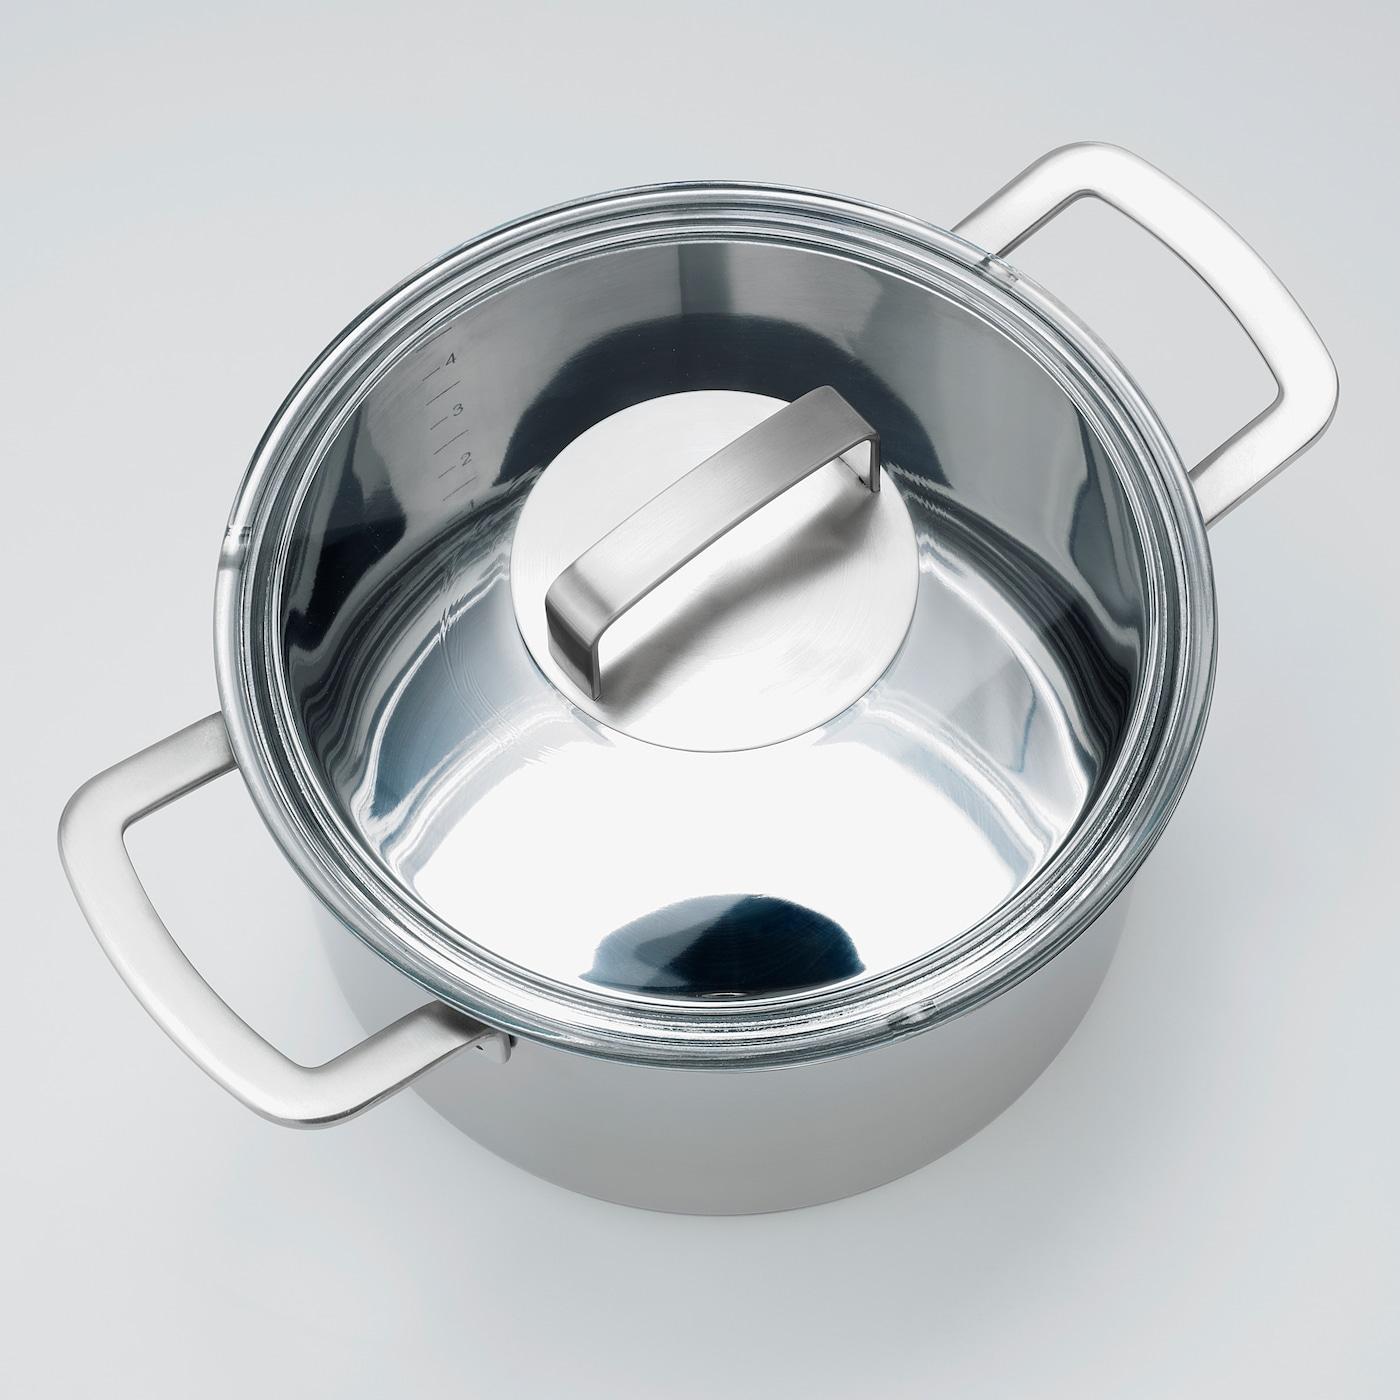 für Bratpfannen und Töpfe IKEA STABIL Deckel aus Edelstahl und Klarglas; 28cm